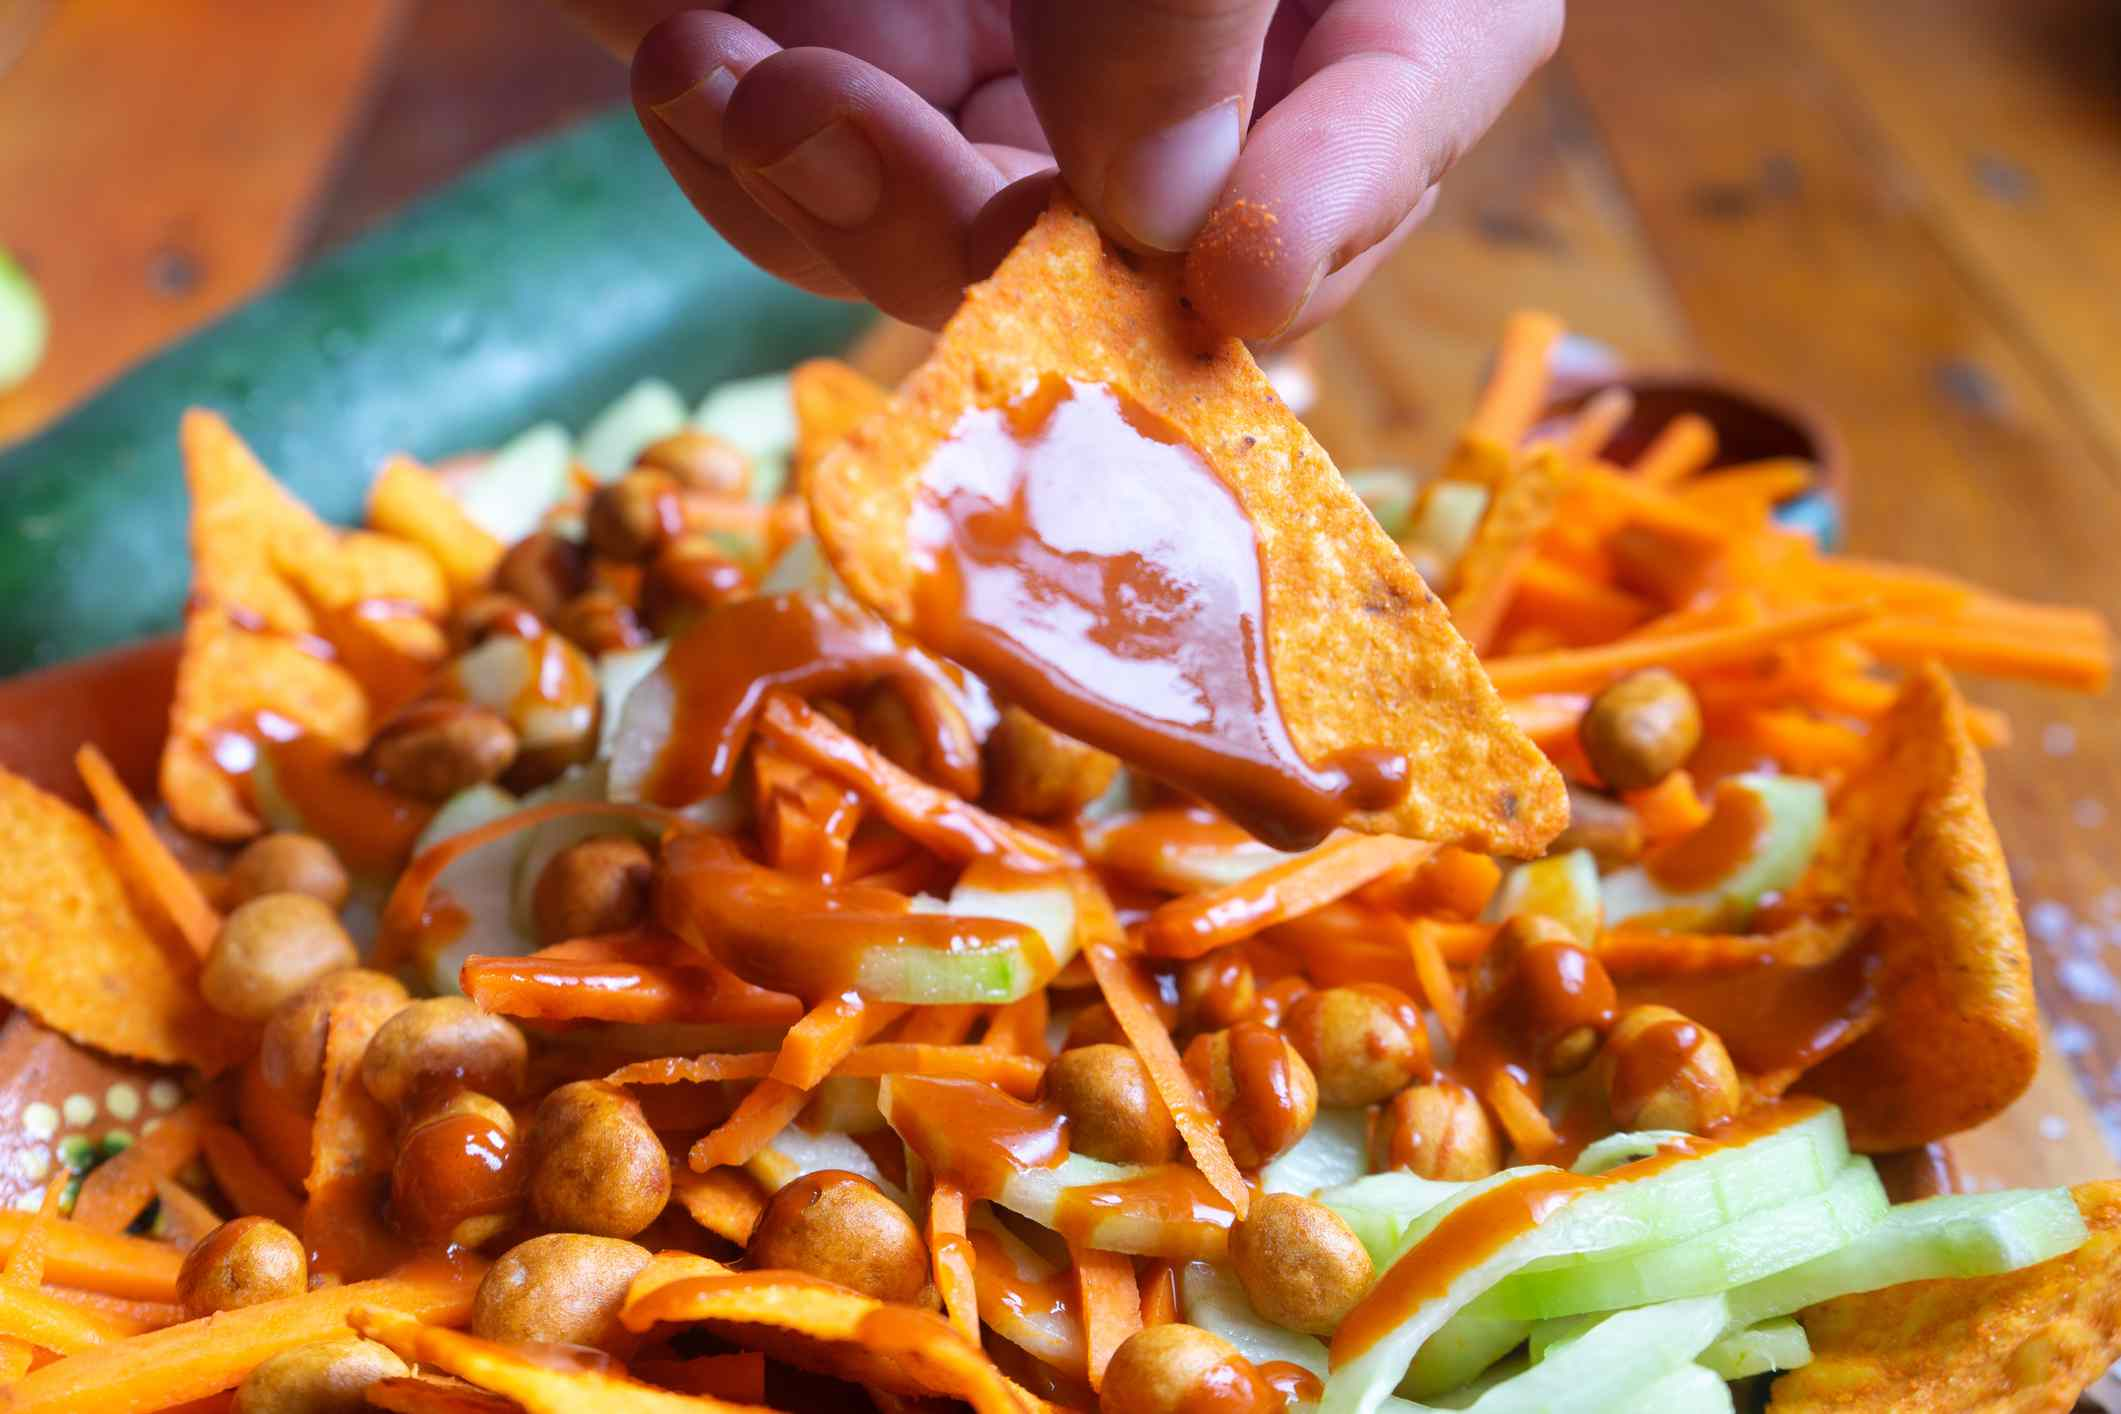 chamoy on nachos